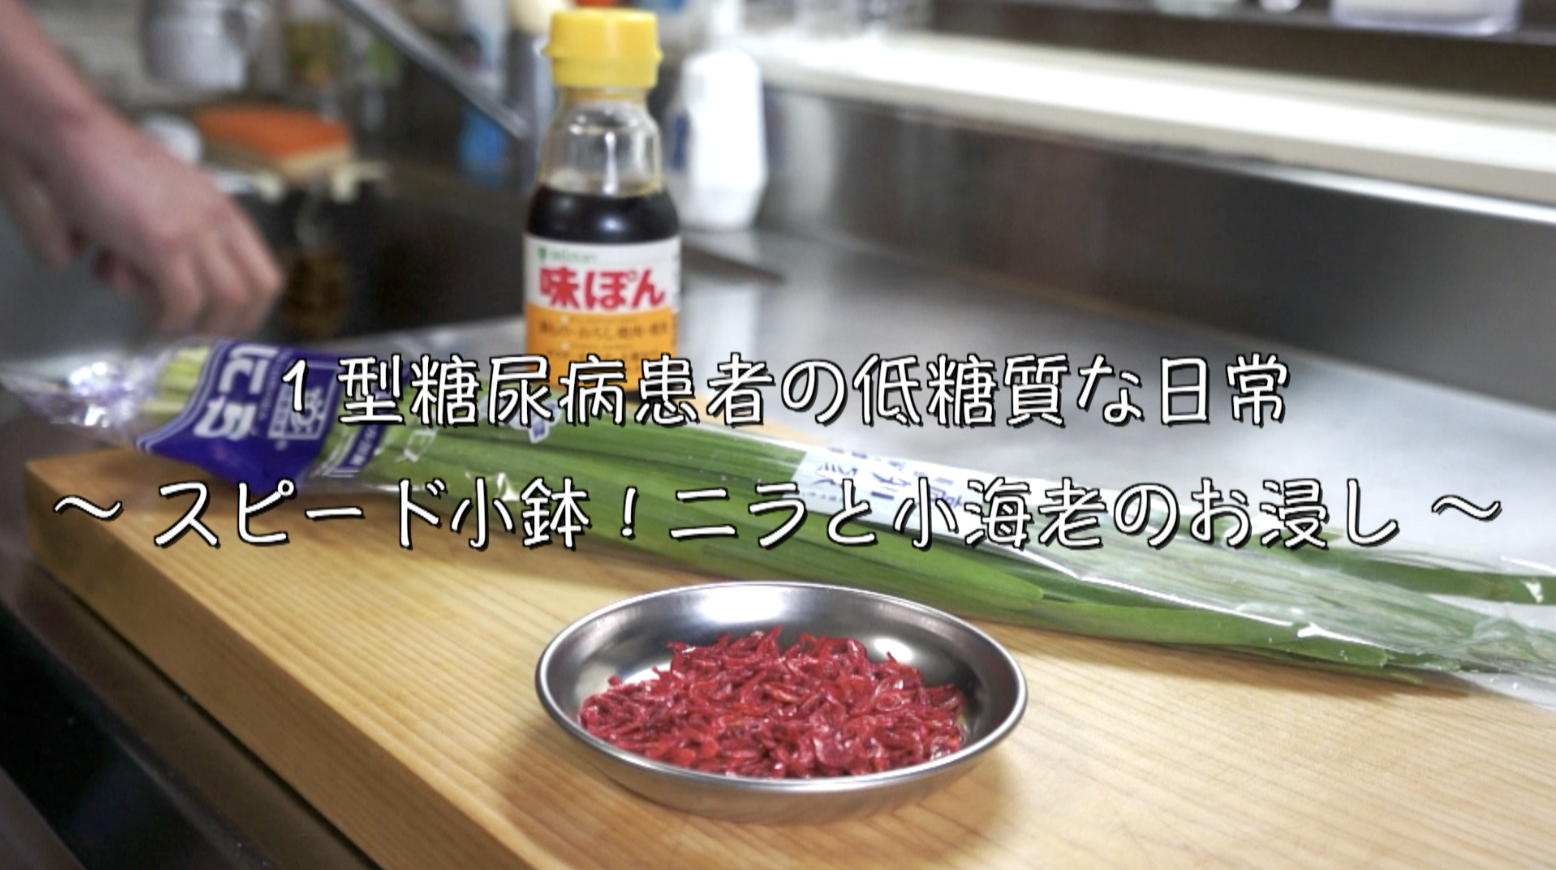 ニラ 小鉢 レシピ 低糖質